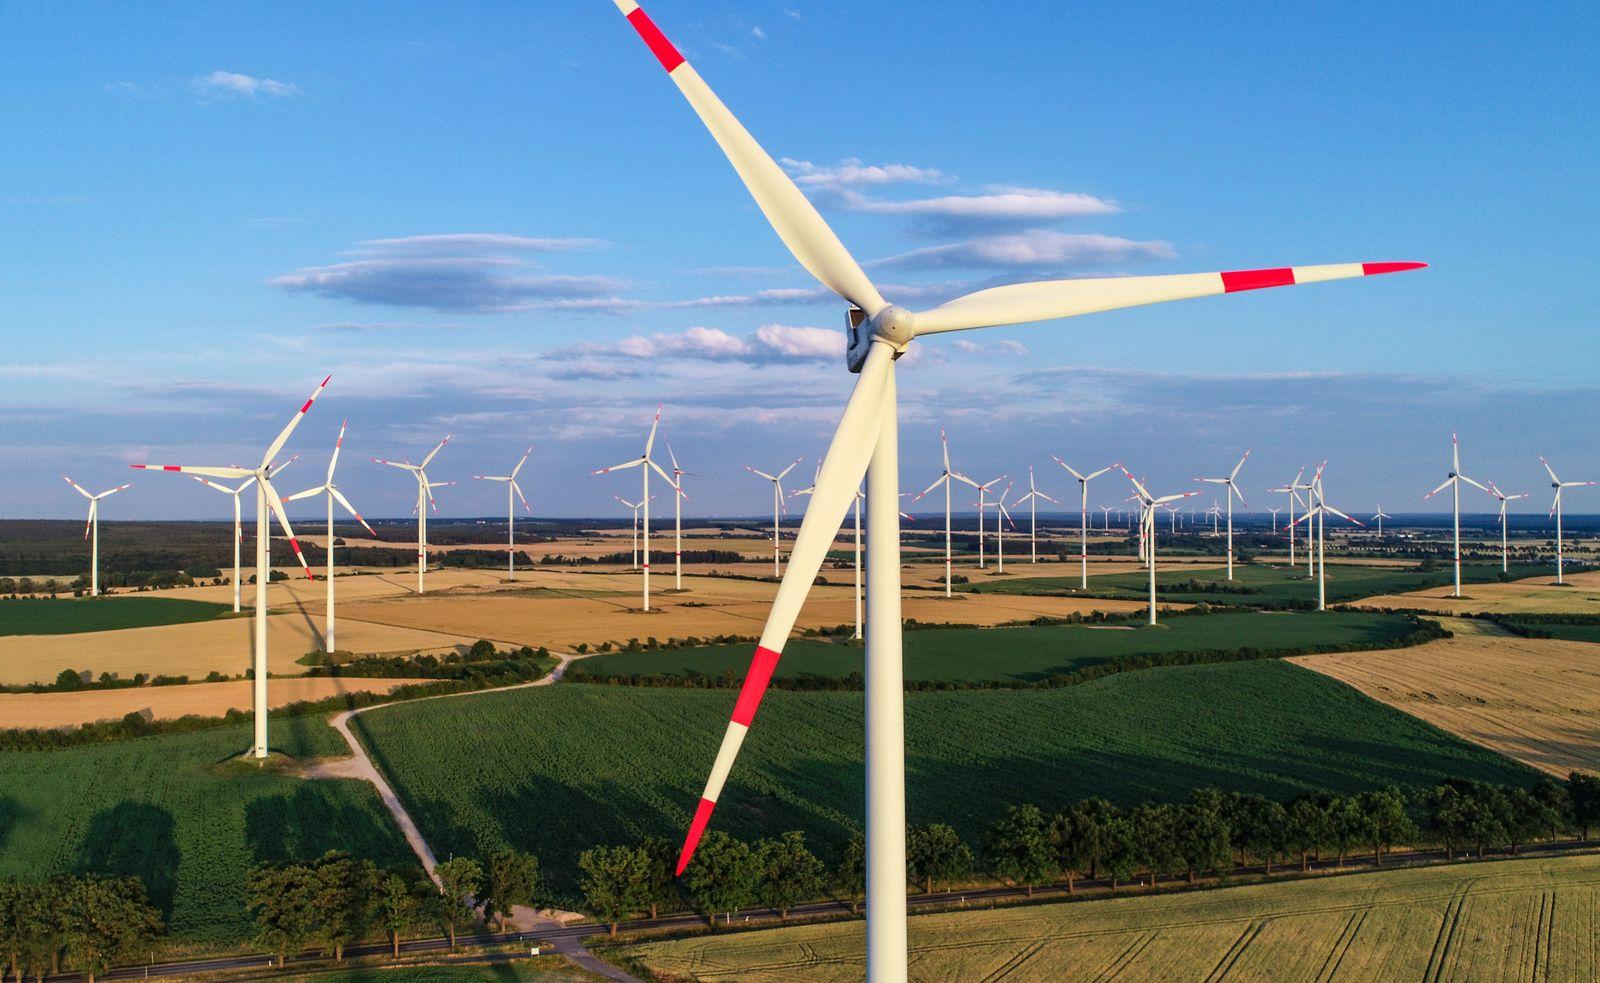 Windenergie/ Windkraft / Winkraftanlagen / Windräder Energie